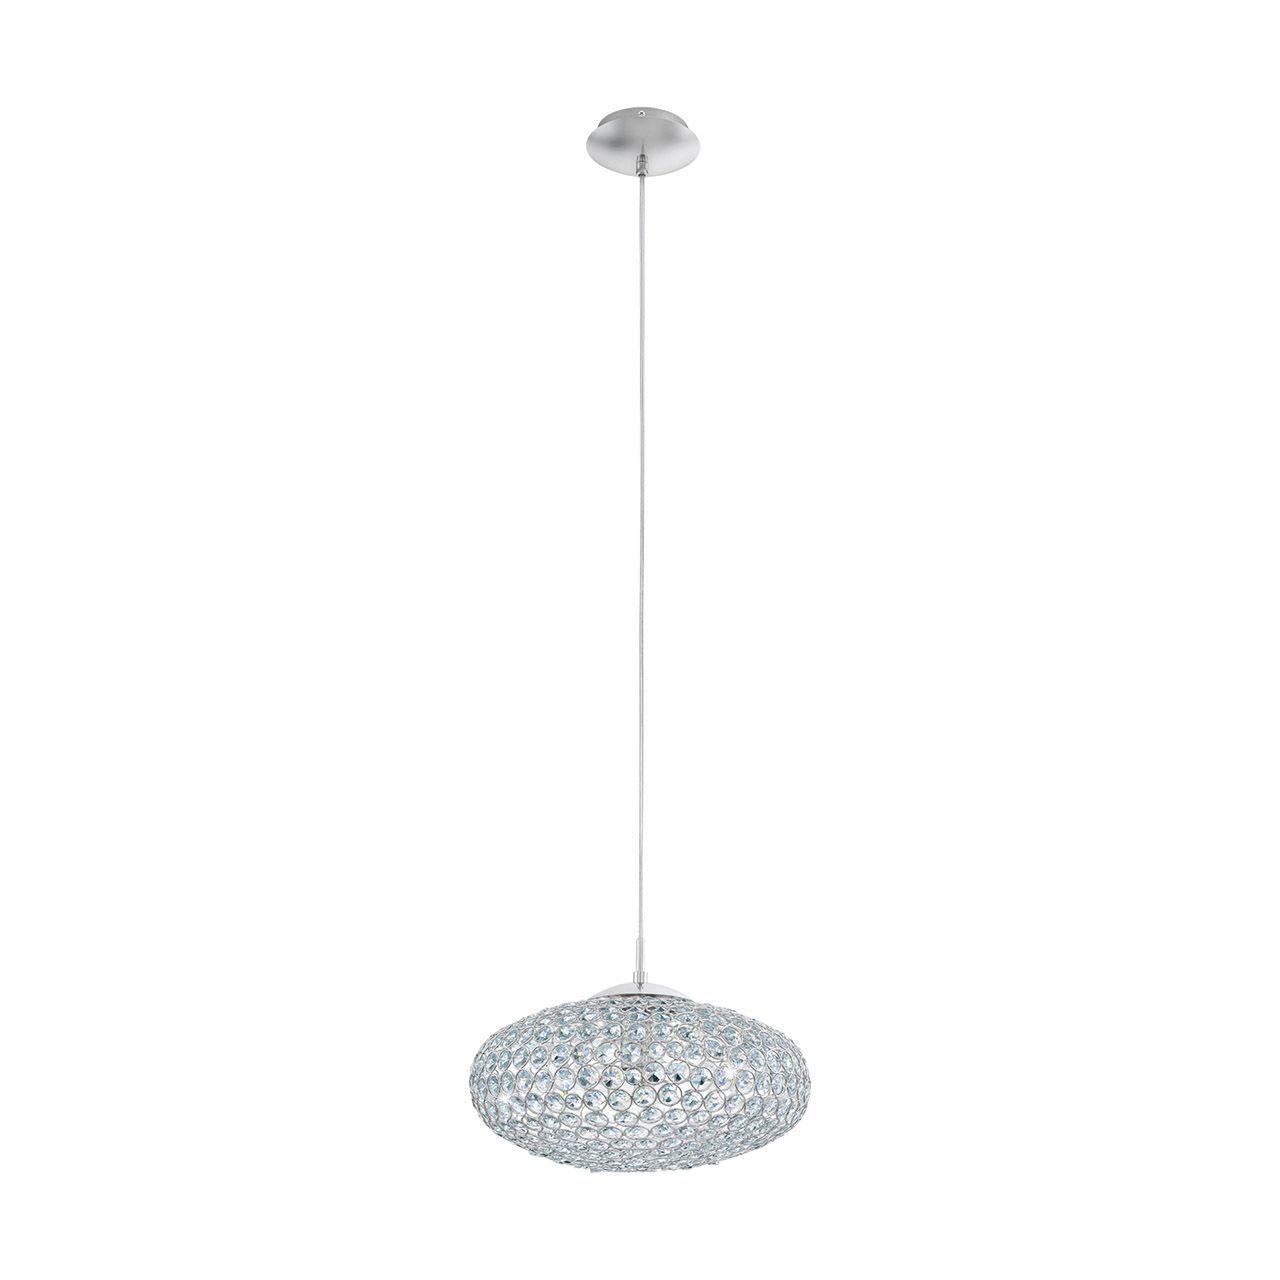 Подвесной светильник Eglo Clemente 95286 eglo подвесной светильник clemente